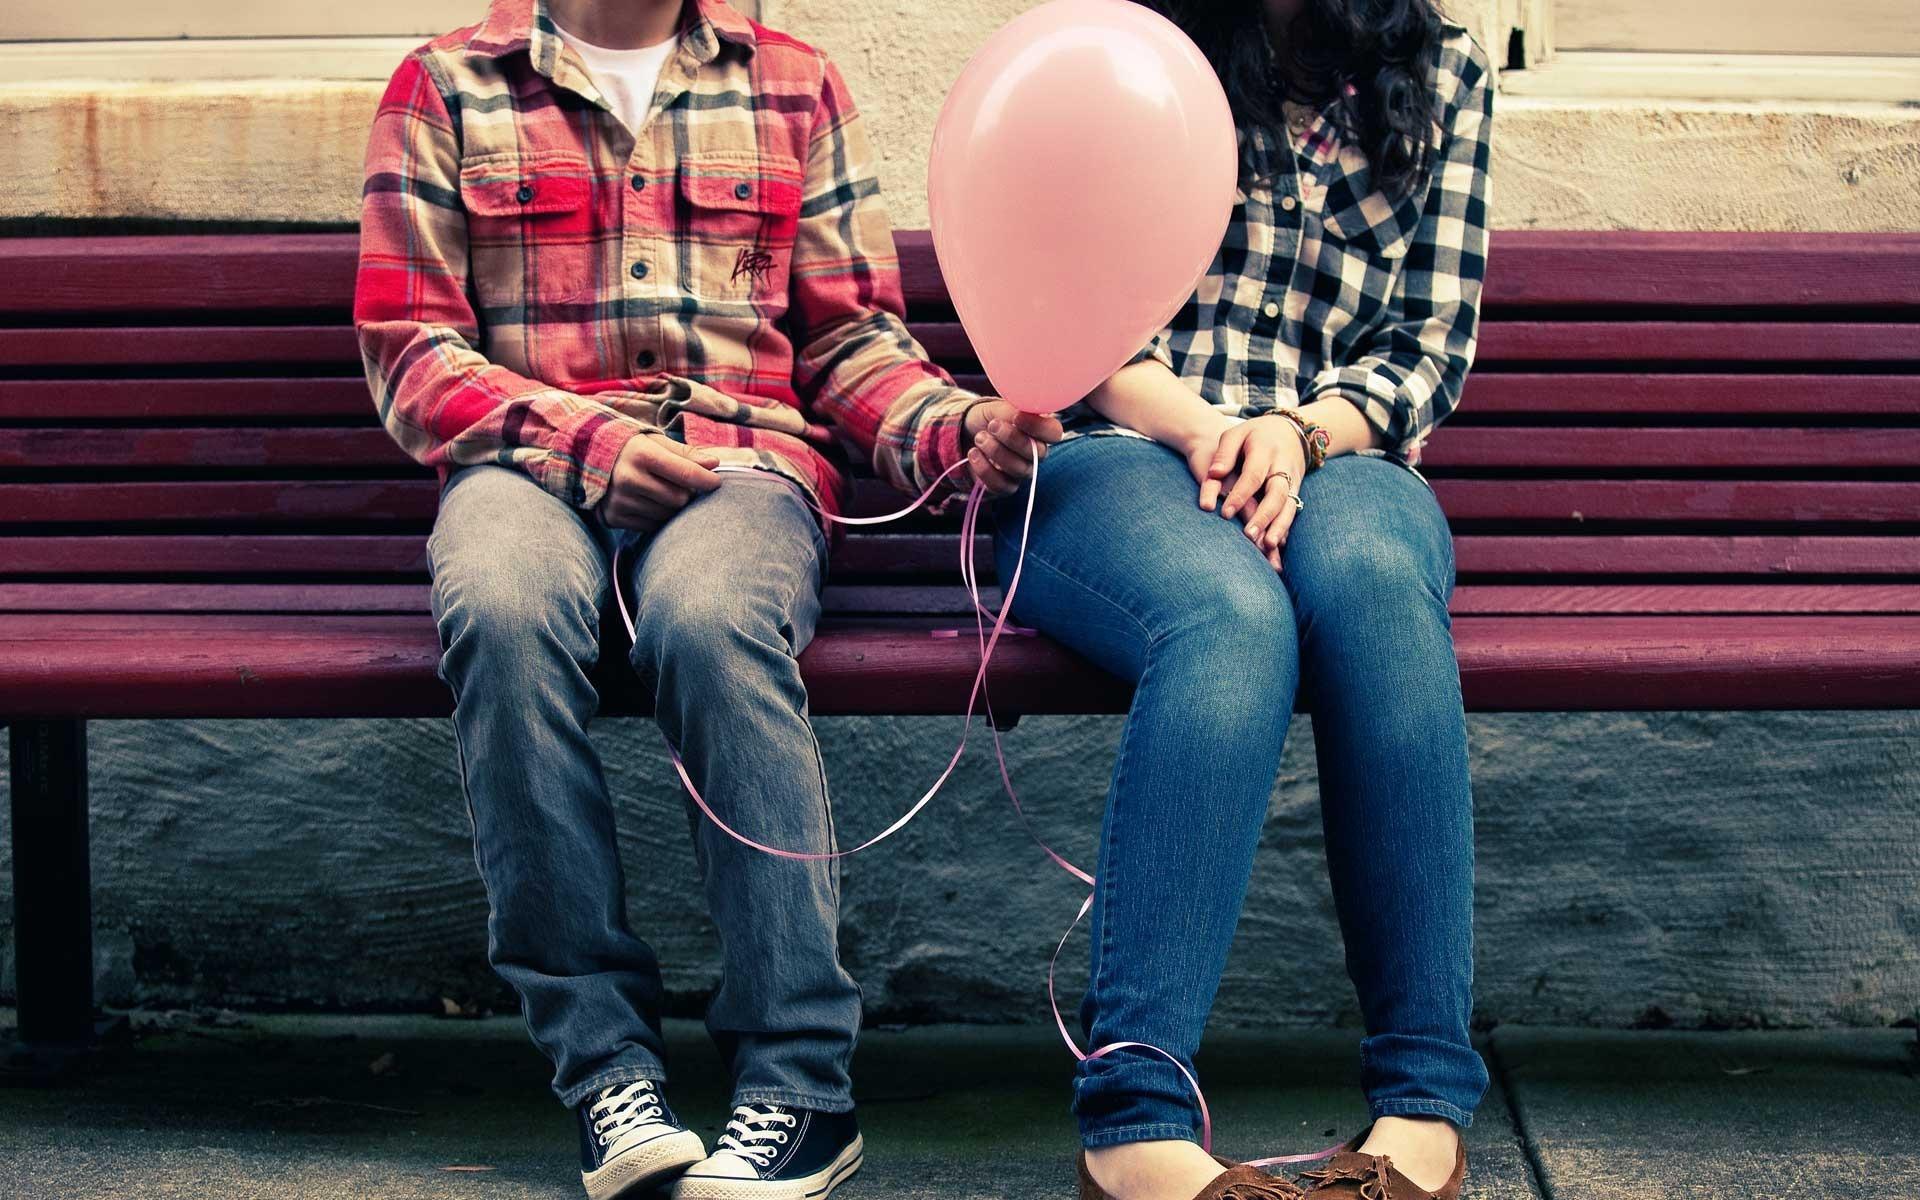 Що розказати підліткам про секс і презервативи